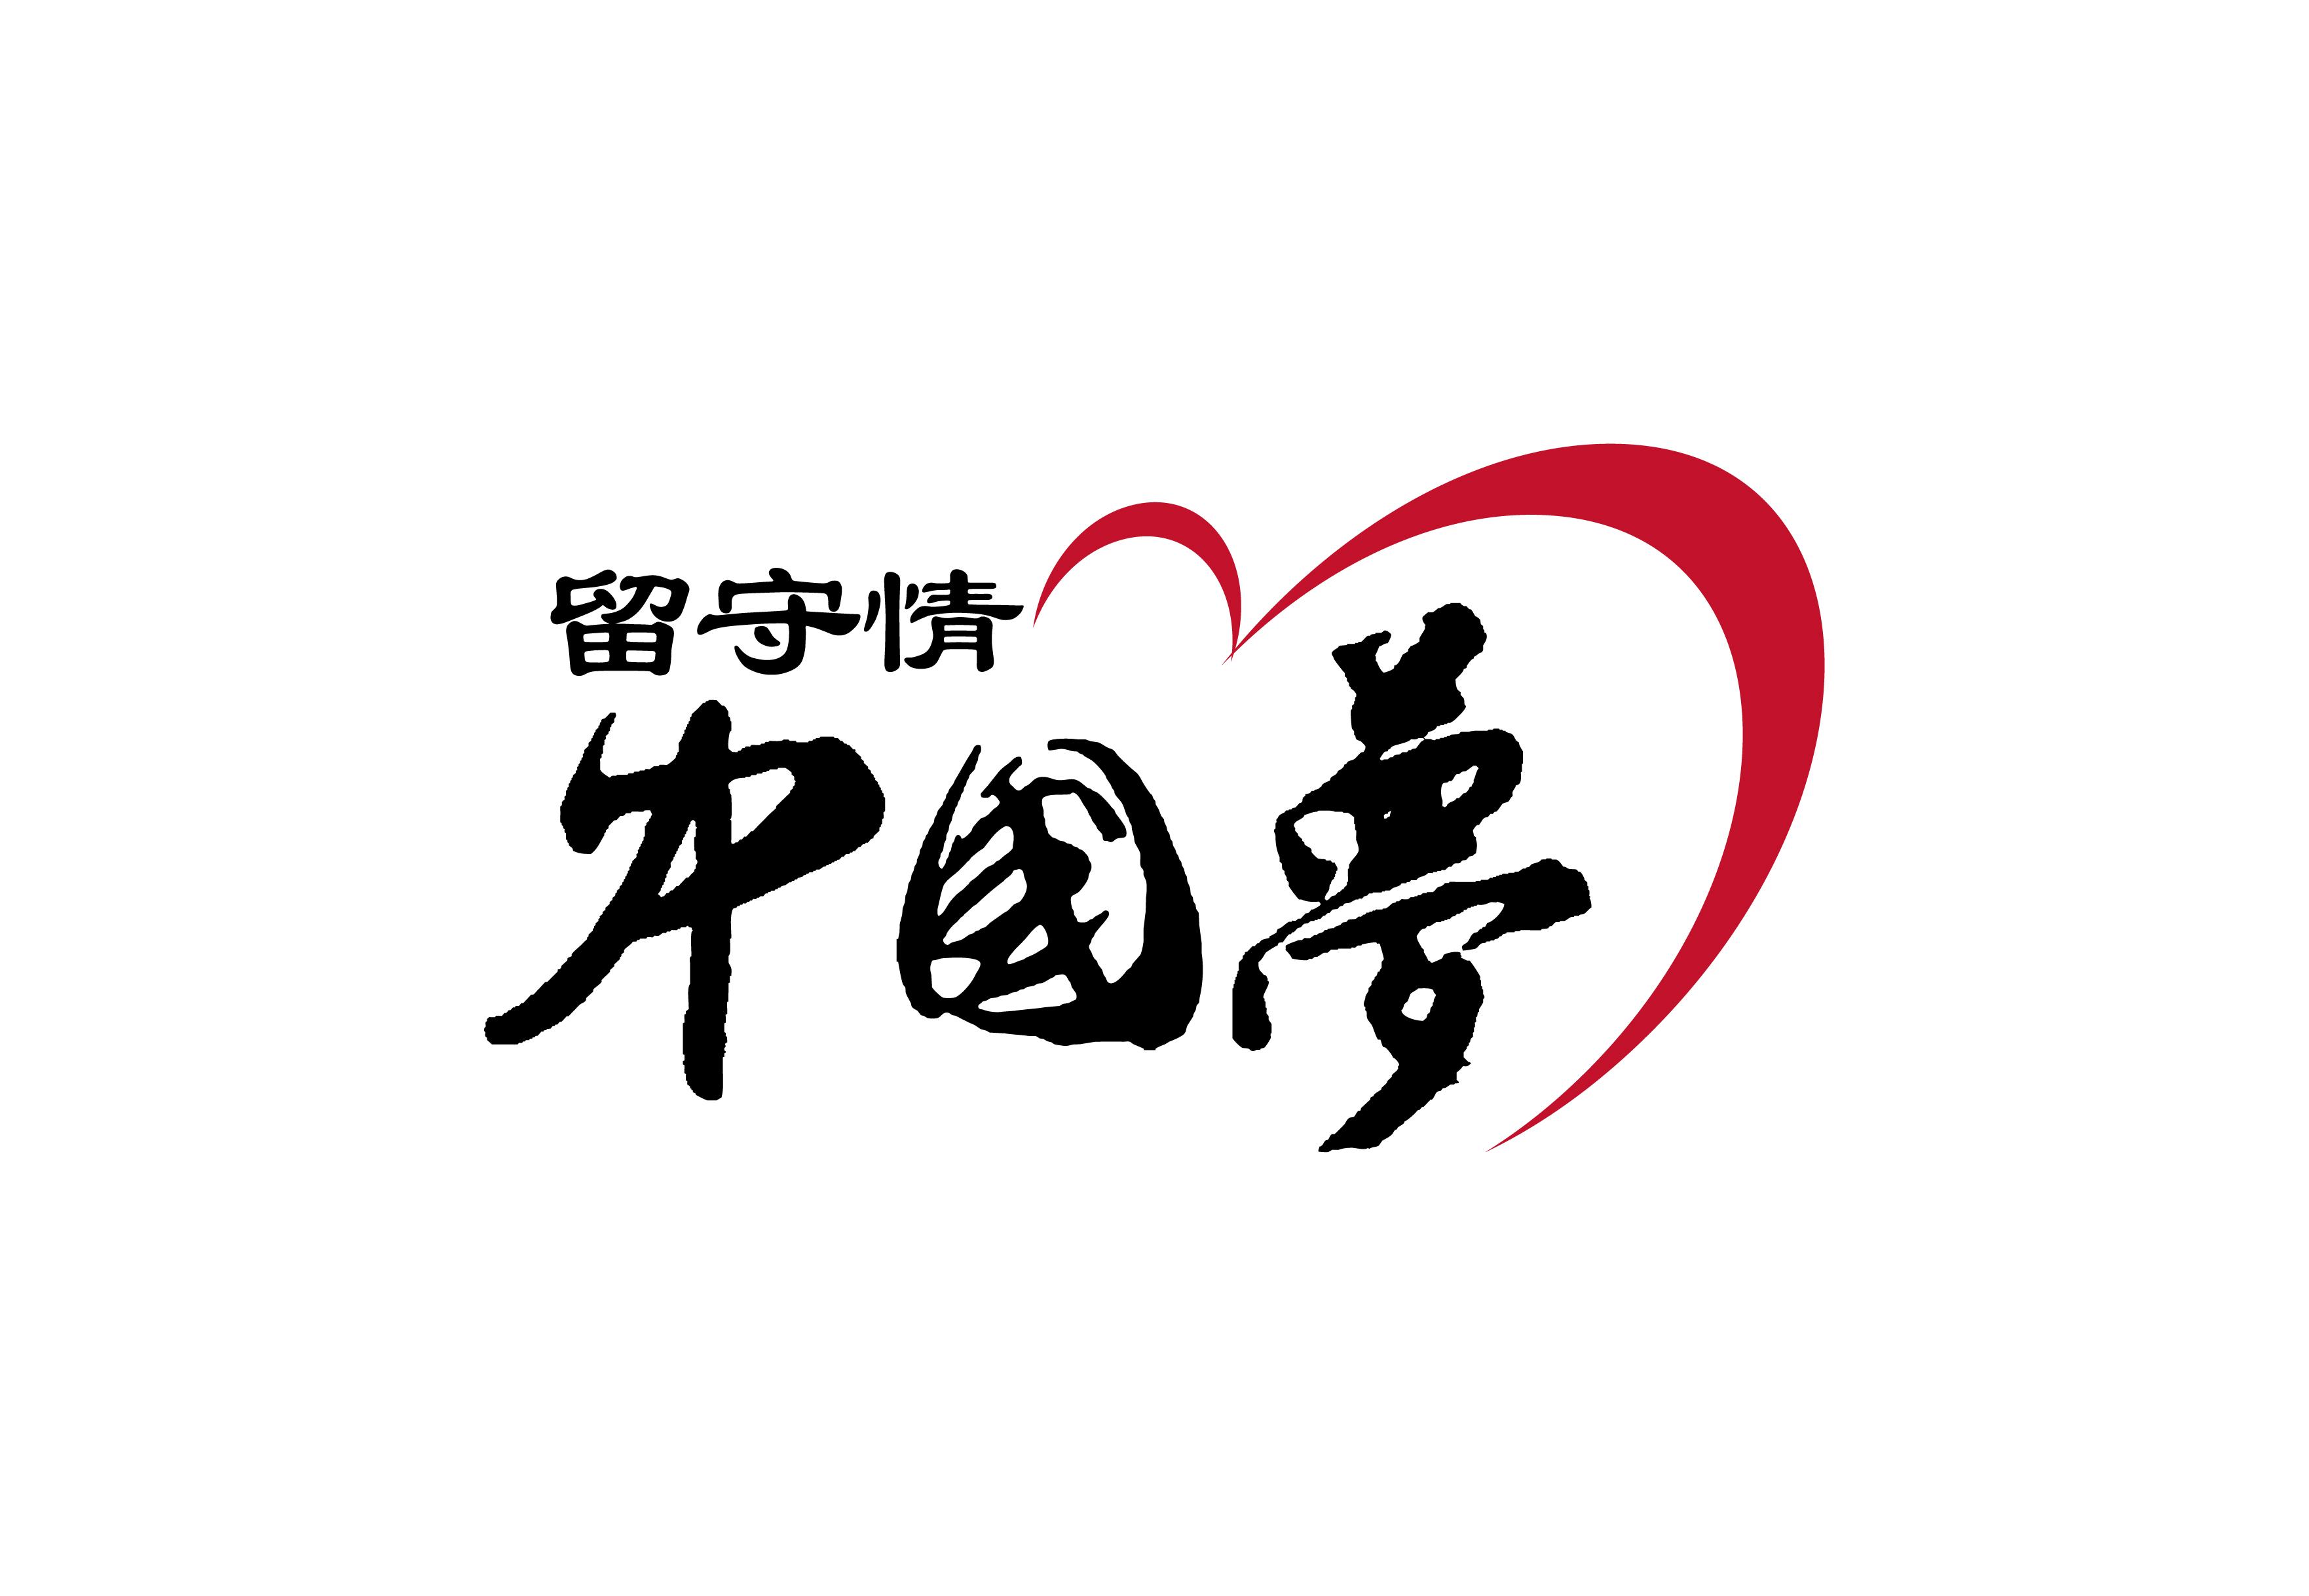 中国梦·留守情词条图册_百度百科图片